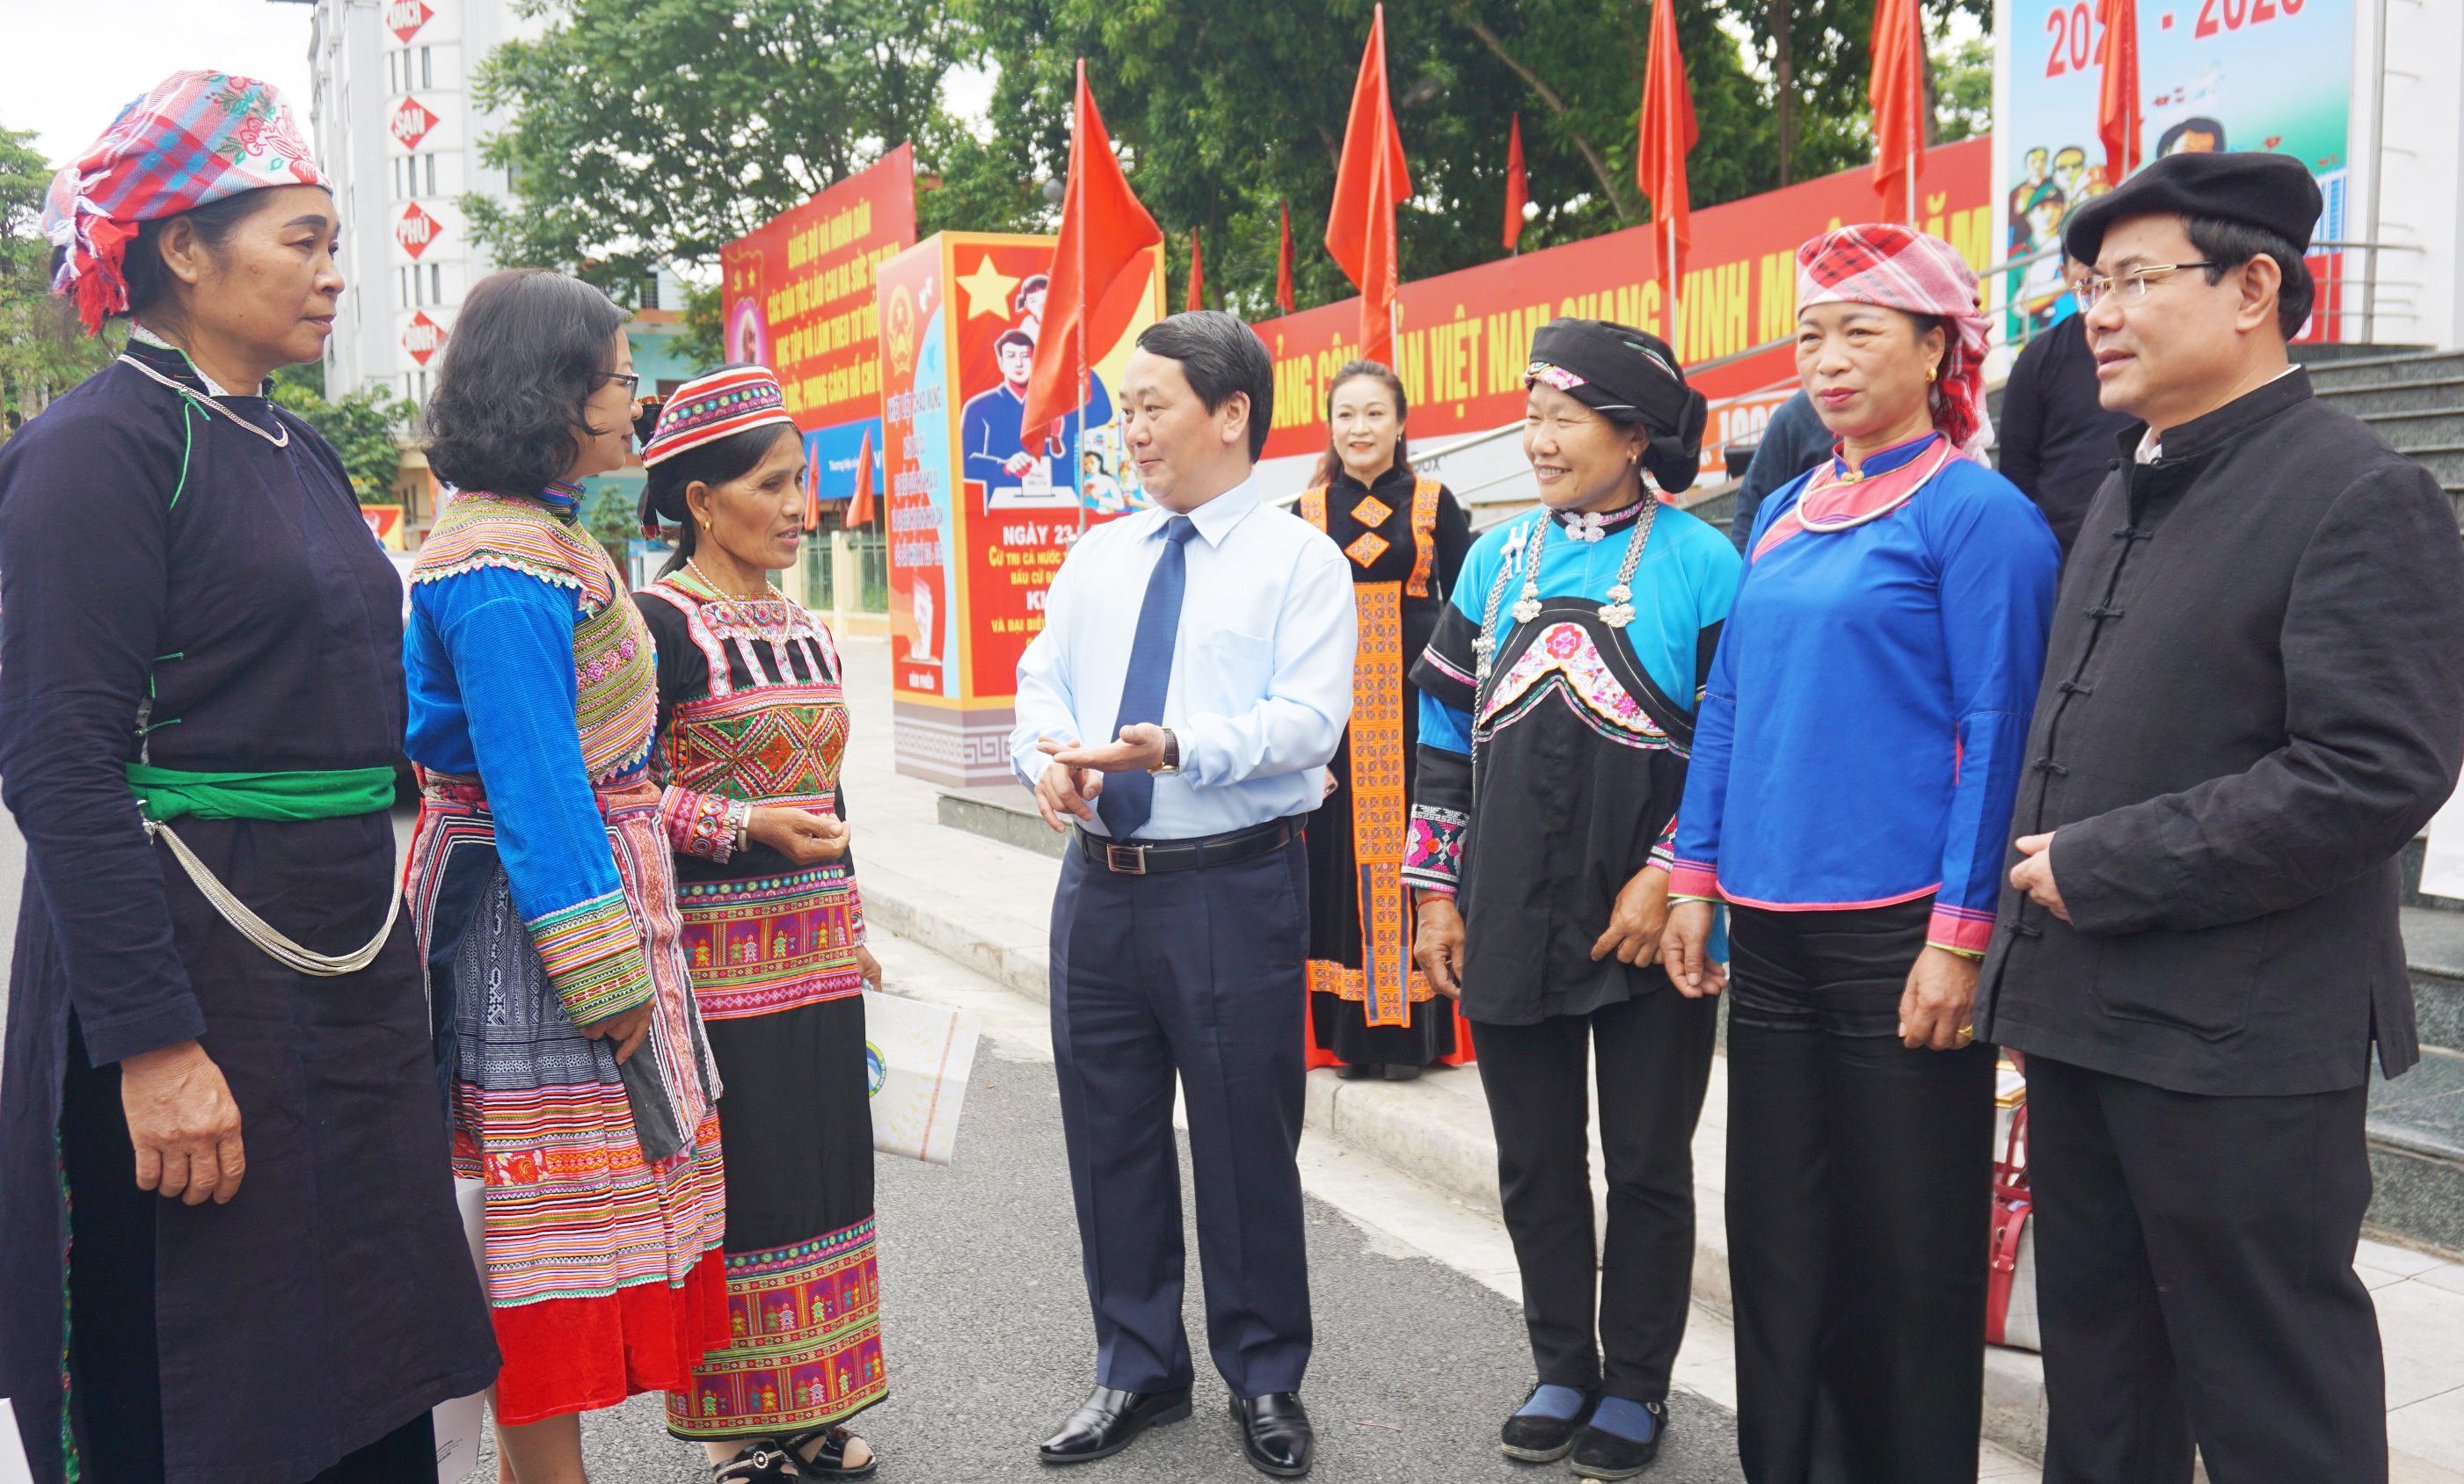 Bộ trưởng, Chủ nhiệm Hầu A Lềnh trò chuyện với Người có uy tín tiêu biểu trong đồng bào DTTS tỉnh Lào Cai bên lề buổi Gặp mặt